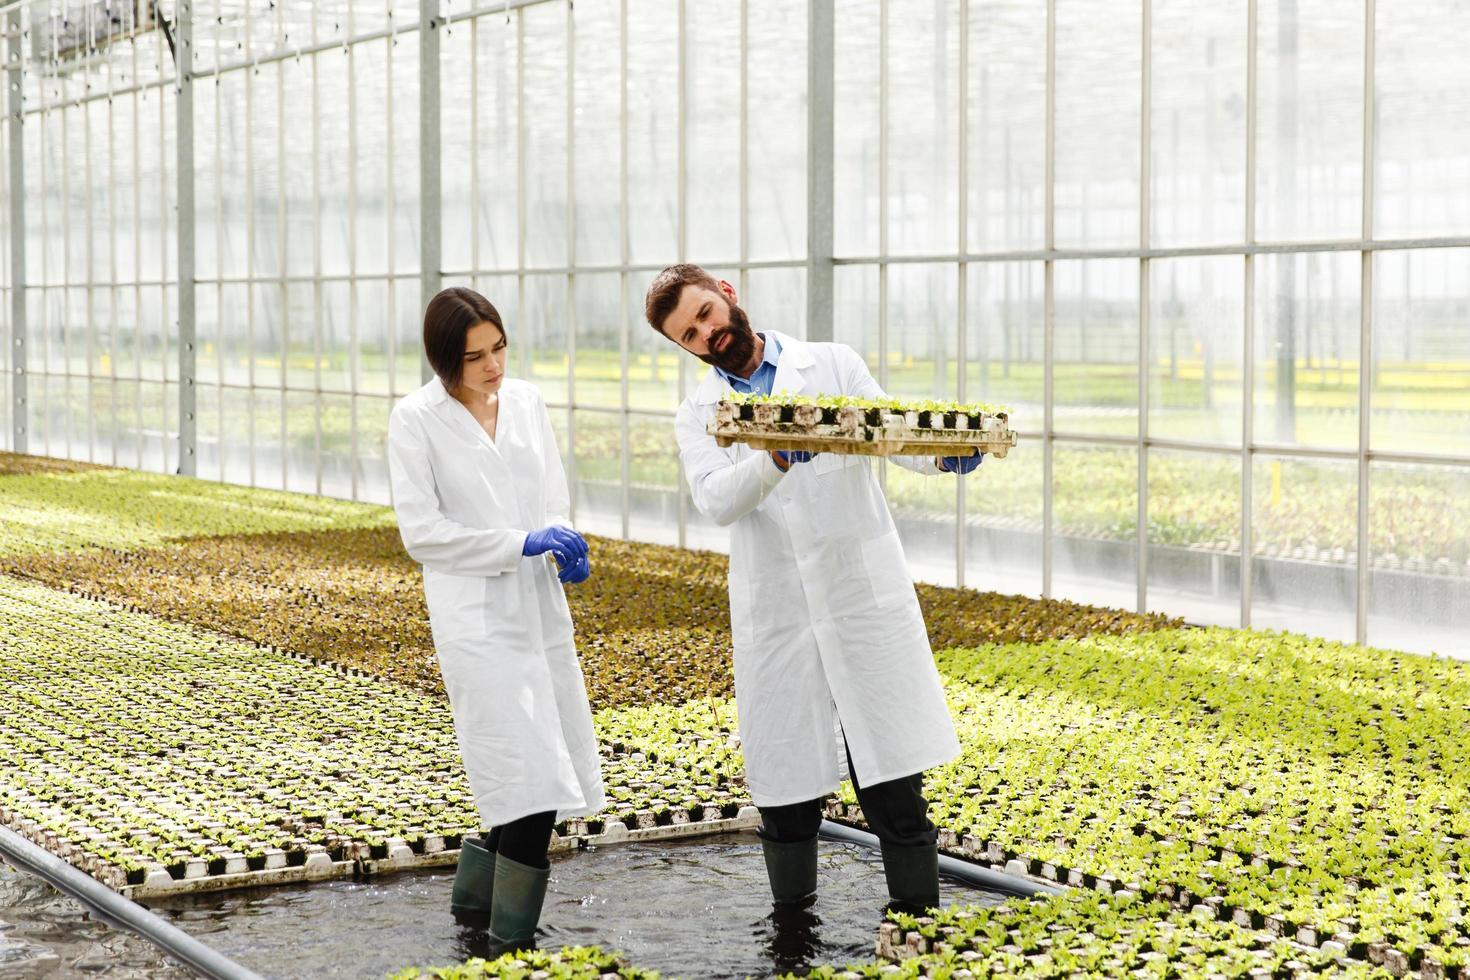 Mann und Frau in Laborgewändern in einem Gewächshaus foto